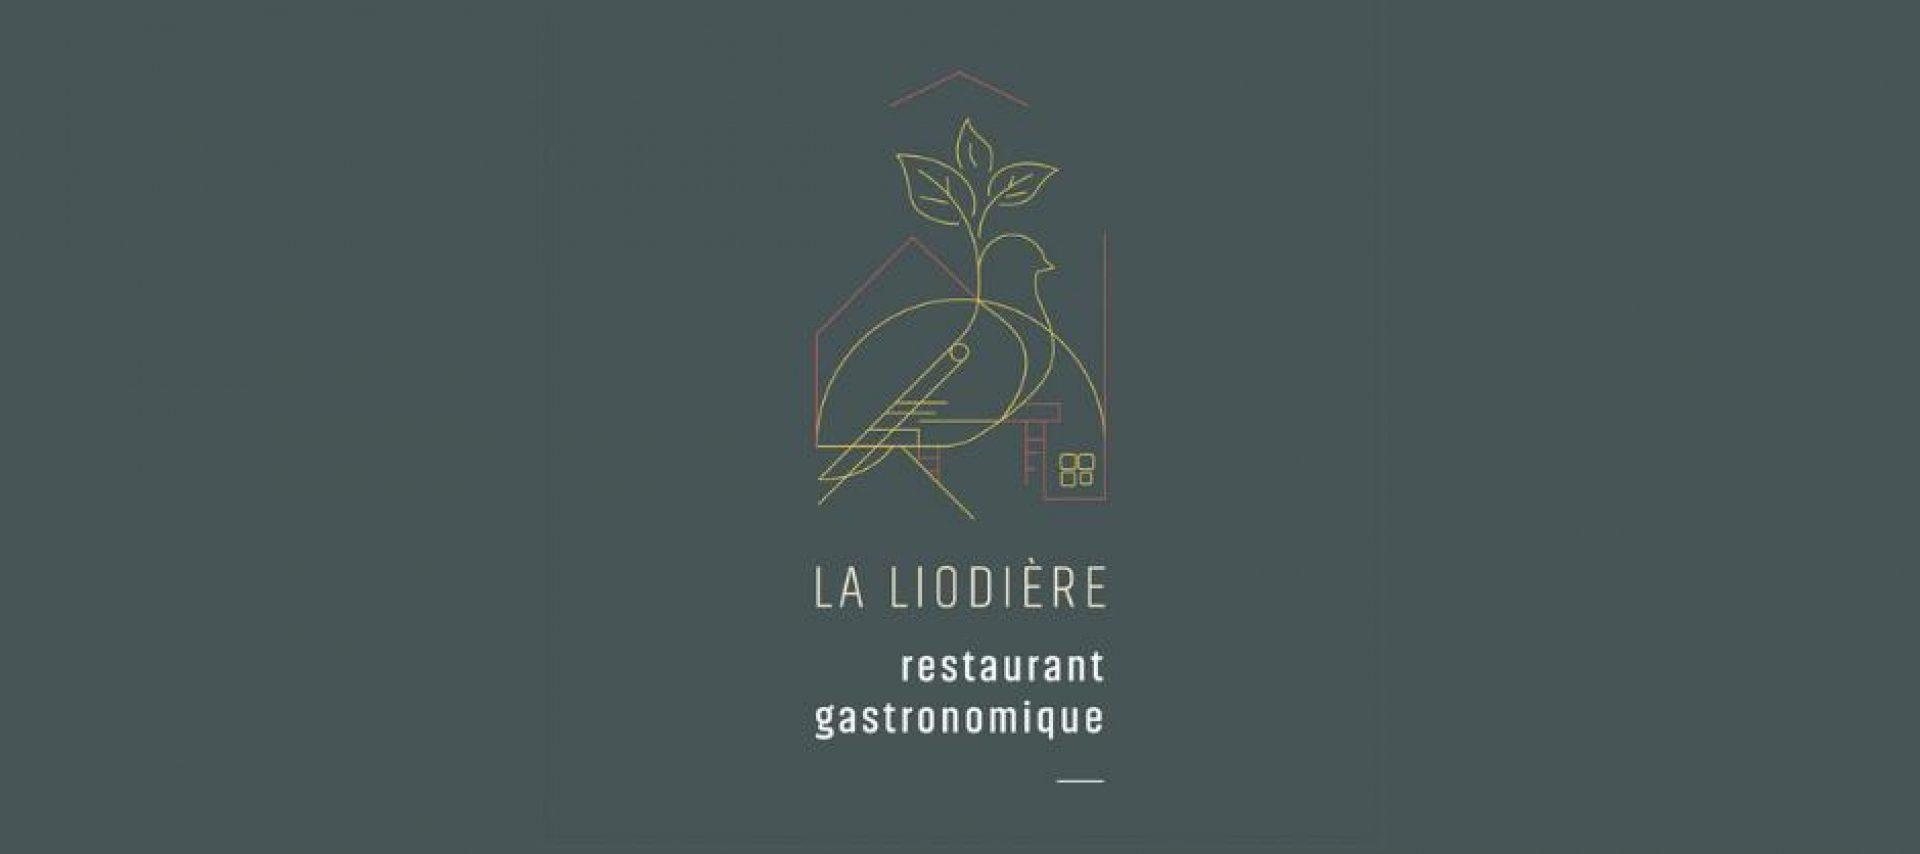 À Joué-les-Tours, emportez la cuisine aux mille saveurs de Cyril Plateau Le Meilleur Chez Vous